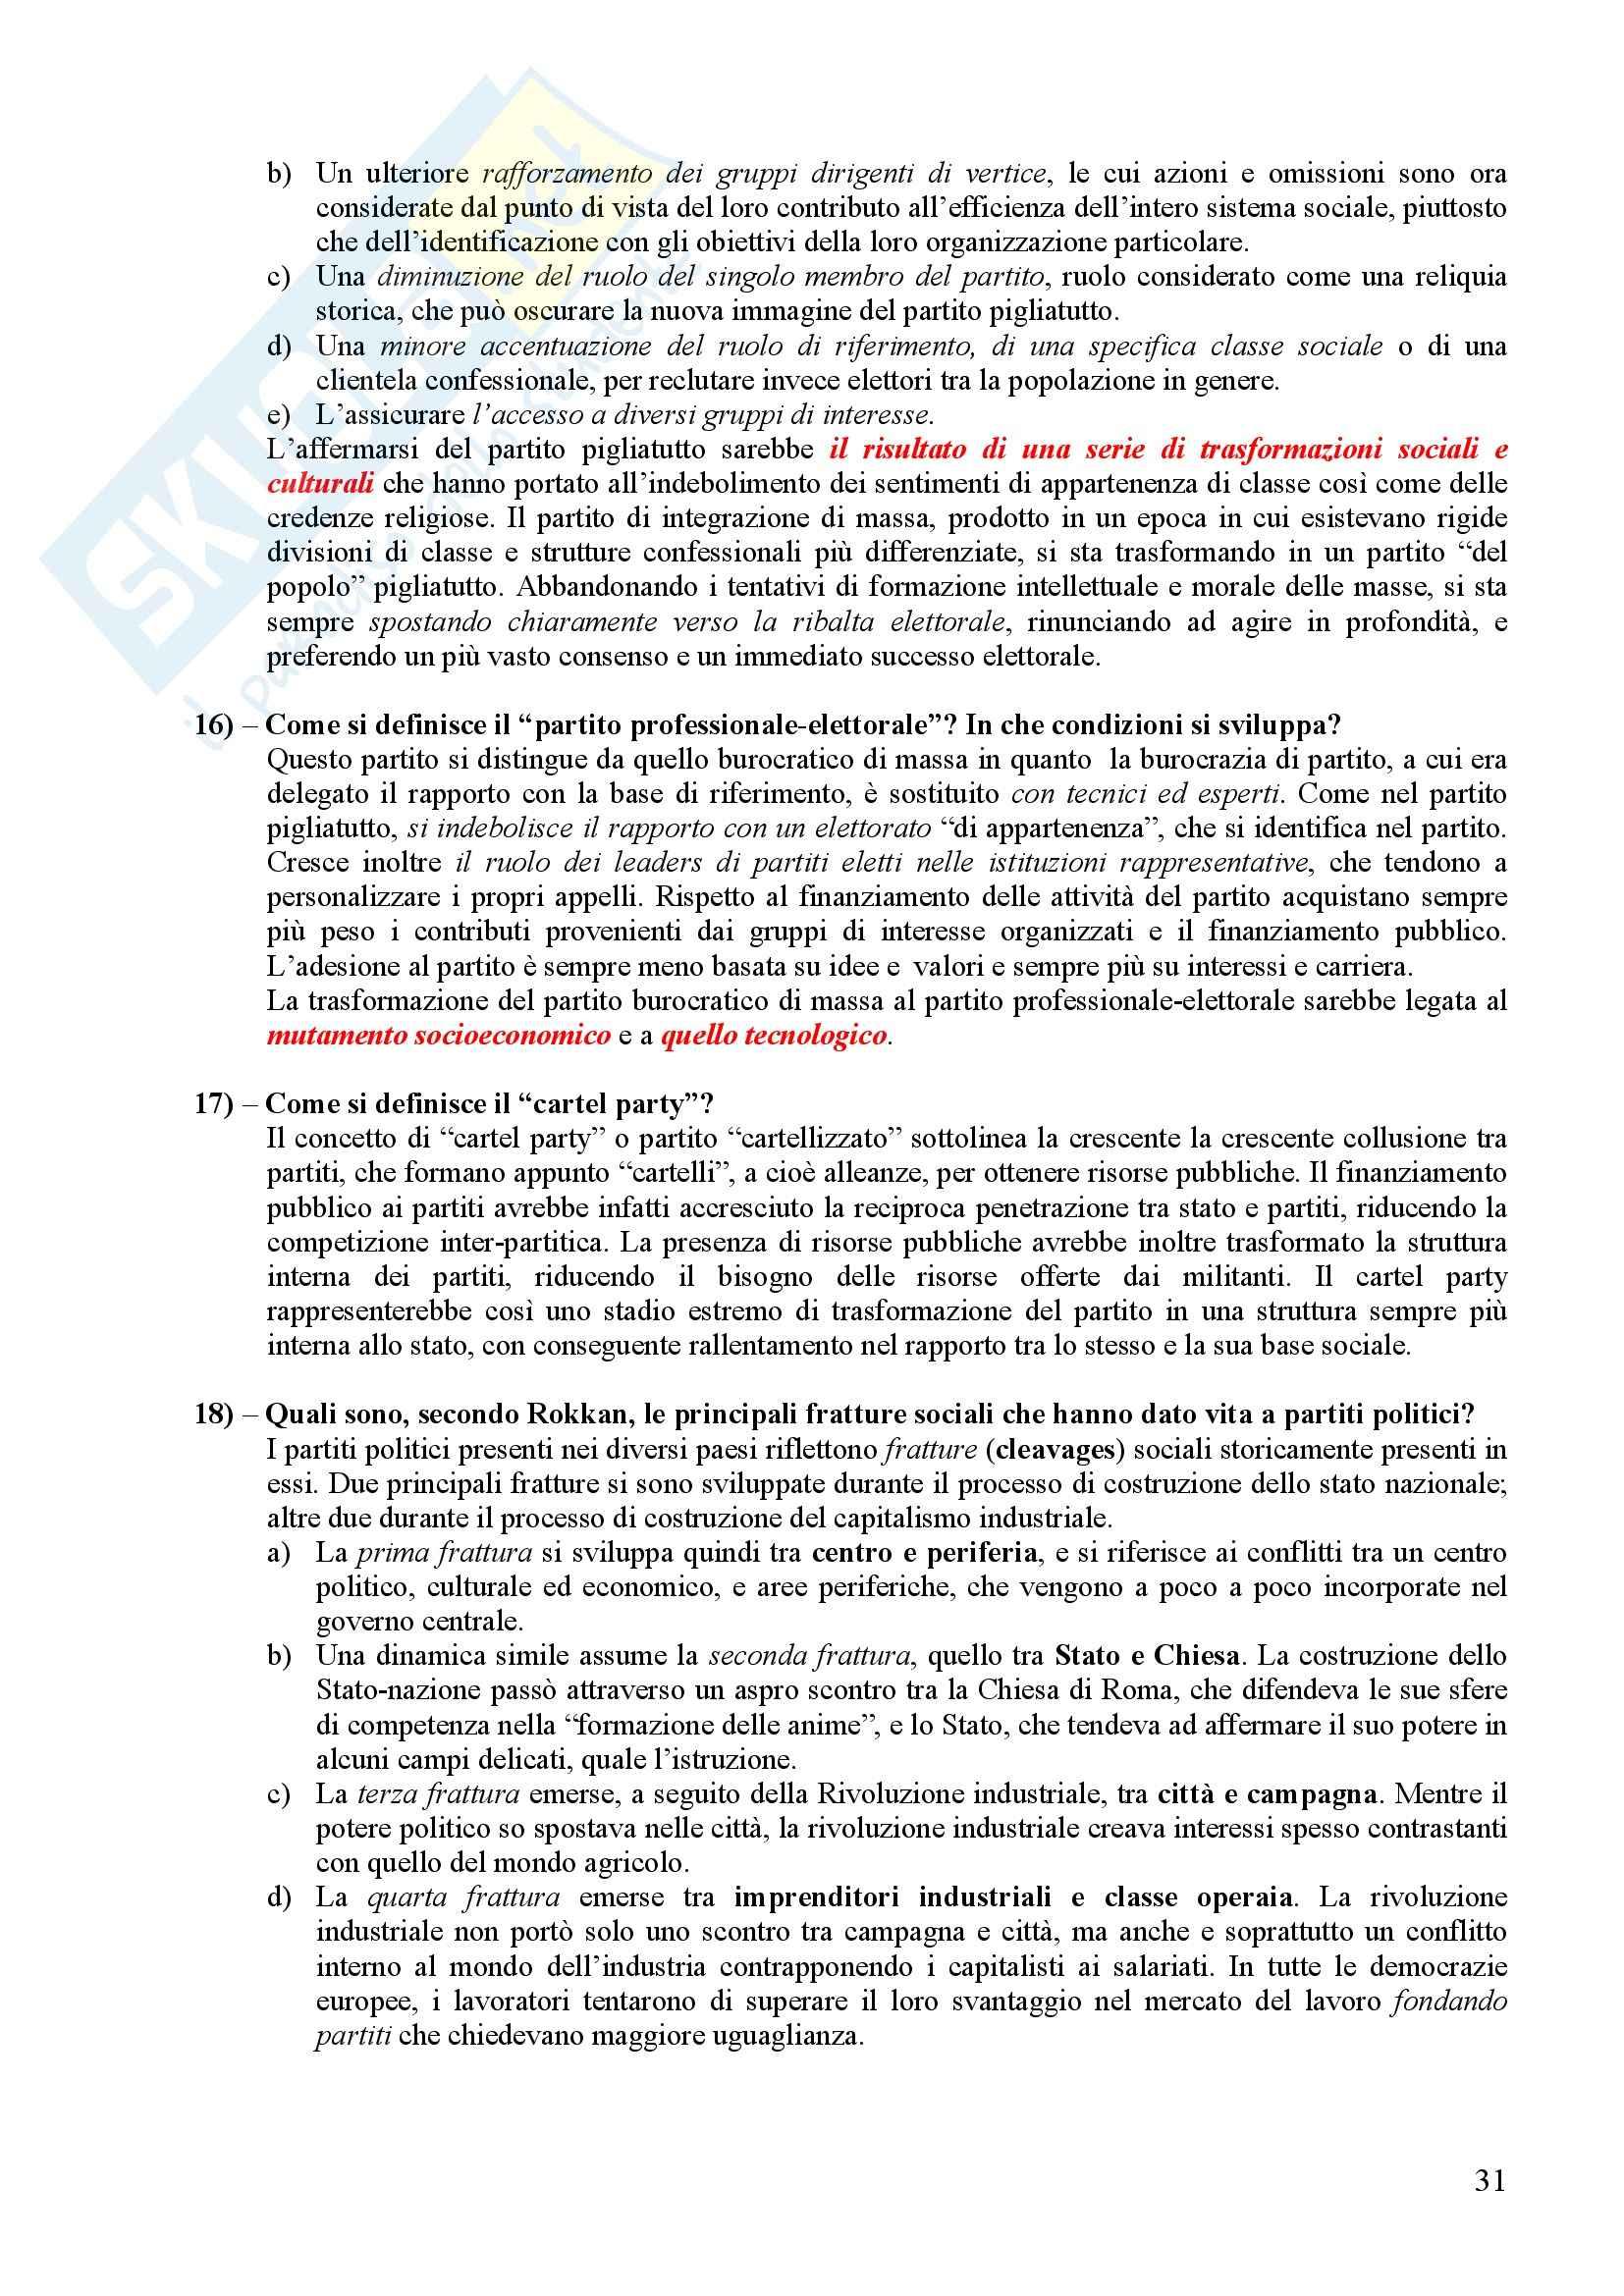 Scienza politica - Domande e risposte Pag. 31